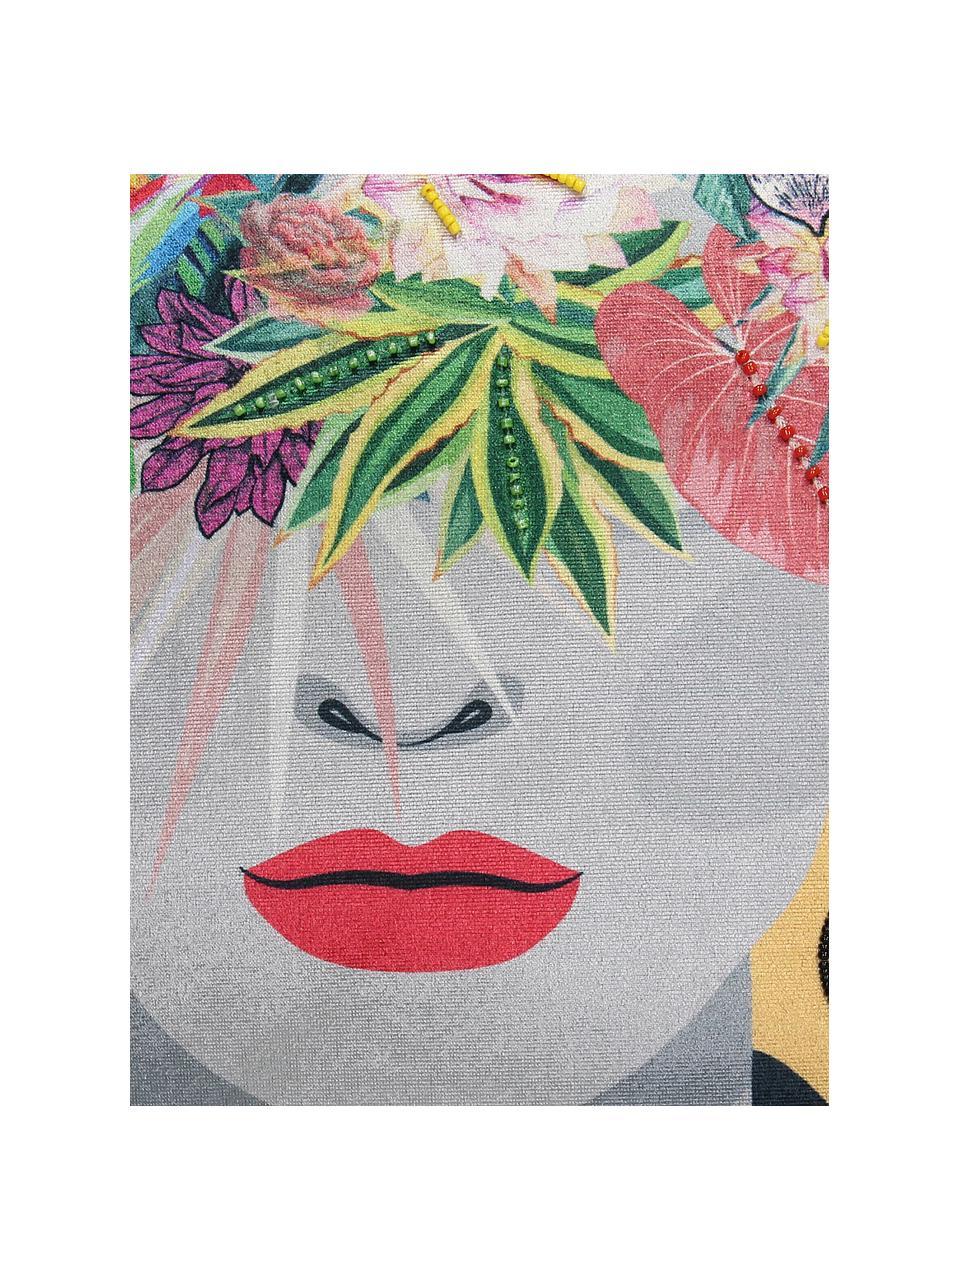 Samt-Kissen Flower Head, mit Inlett, Bezug: 100% Baumwollsamt, Ockergelb, Mehrfarbig, 45 x 45 cm